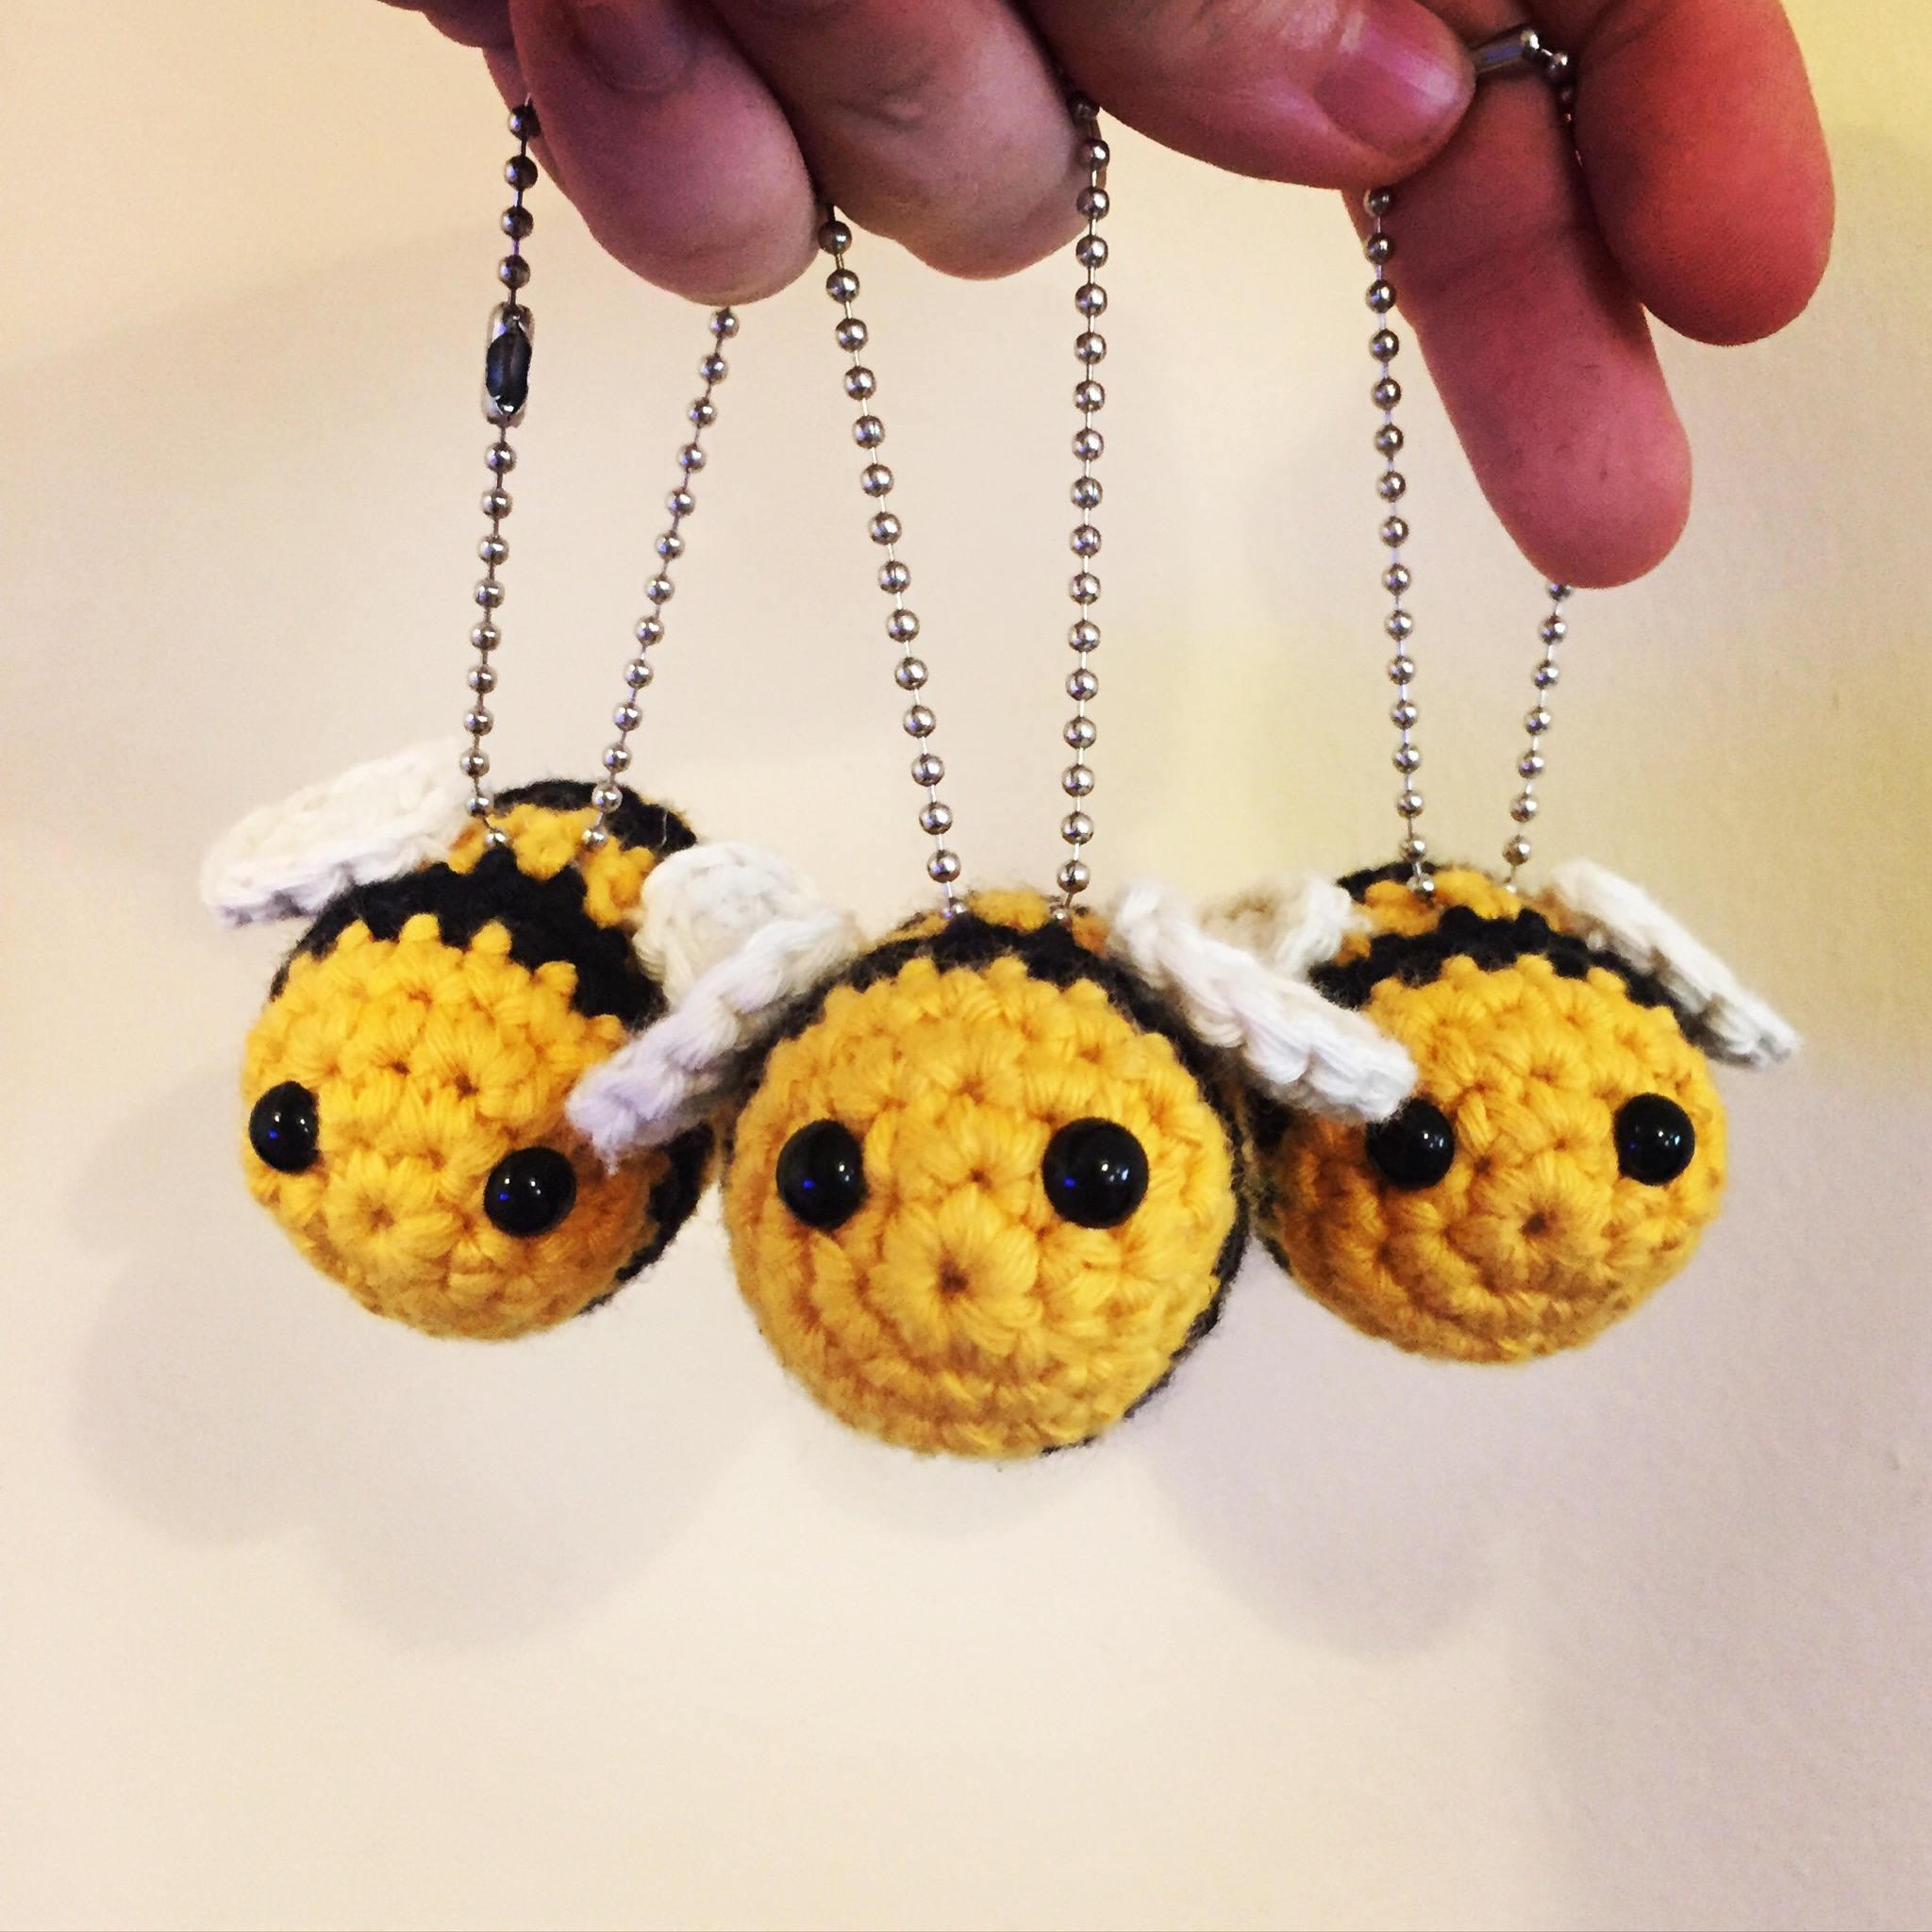 Bumble Bee Handarbeit häkeln Schlüsselanhänger